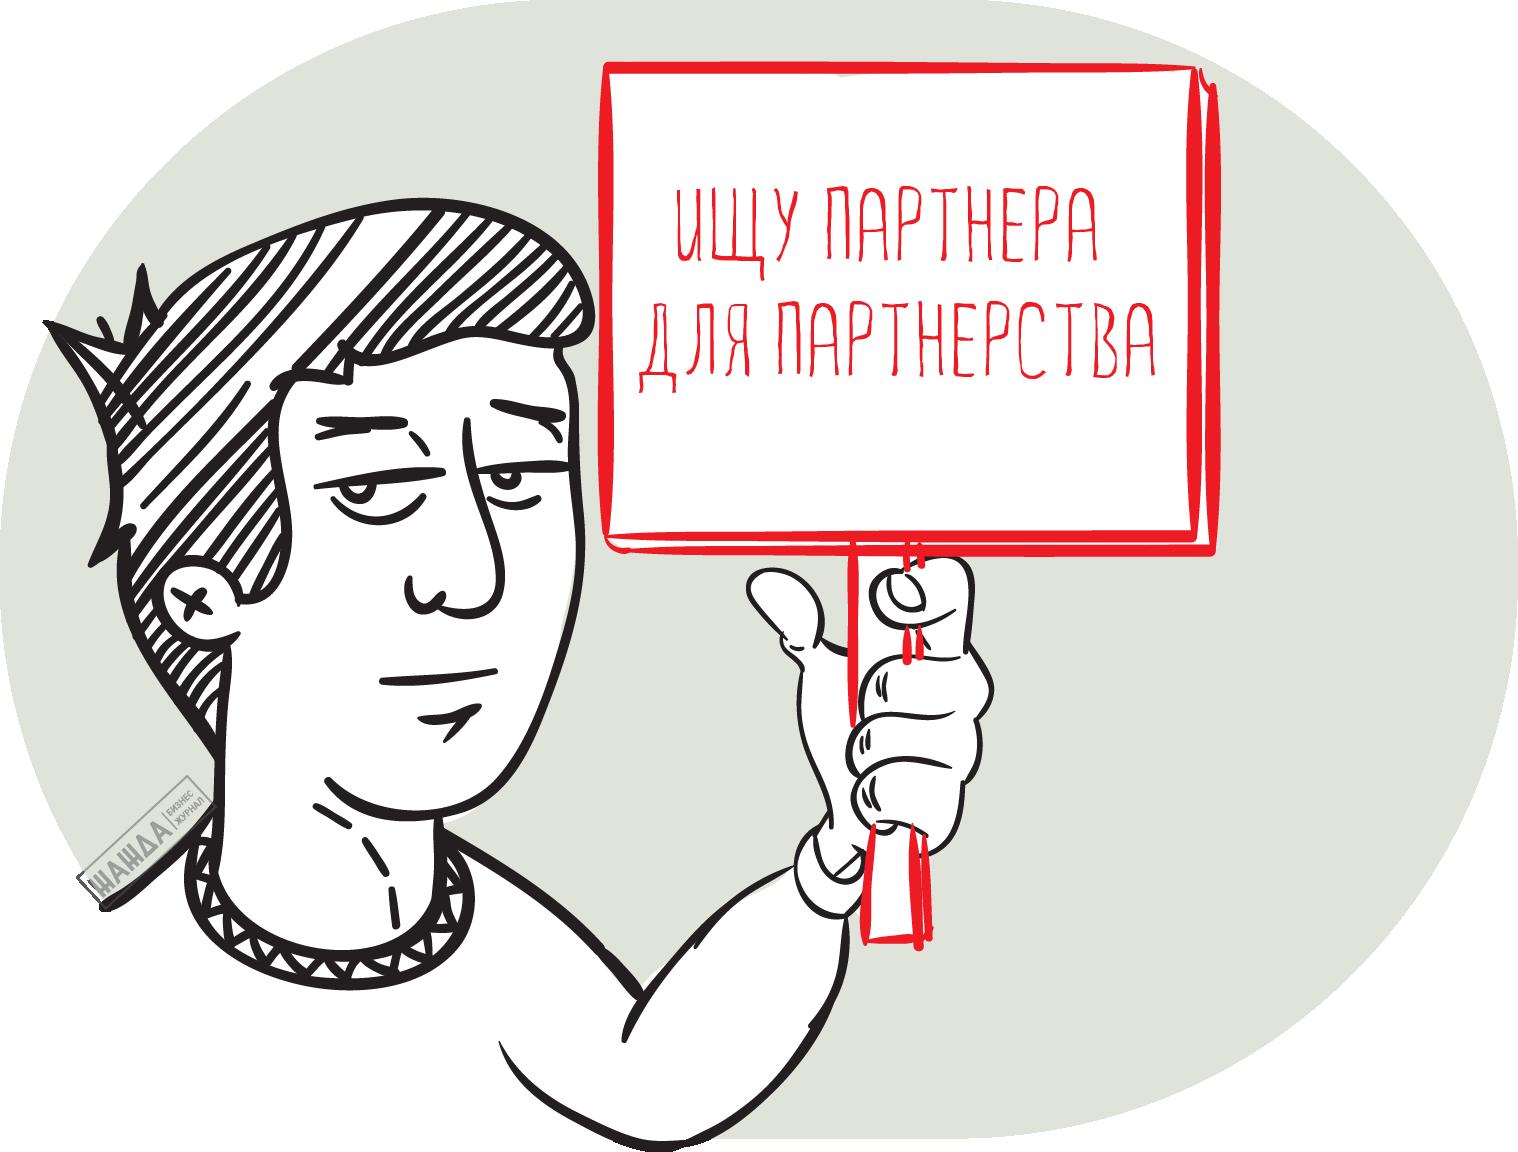 Совместная деятельность ООО